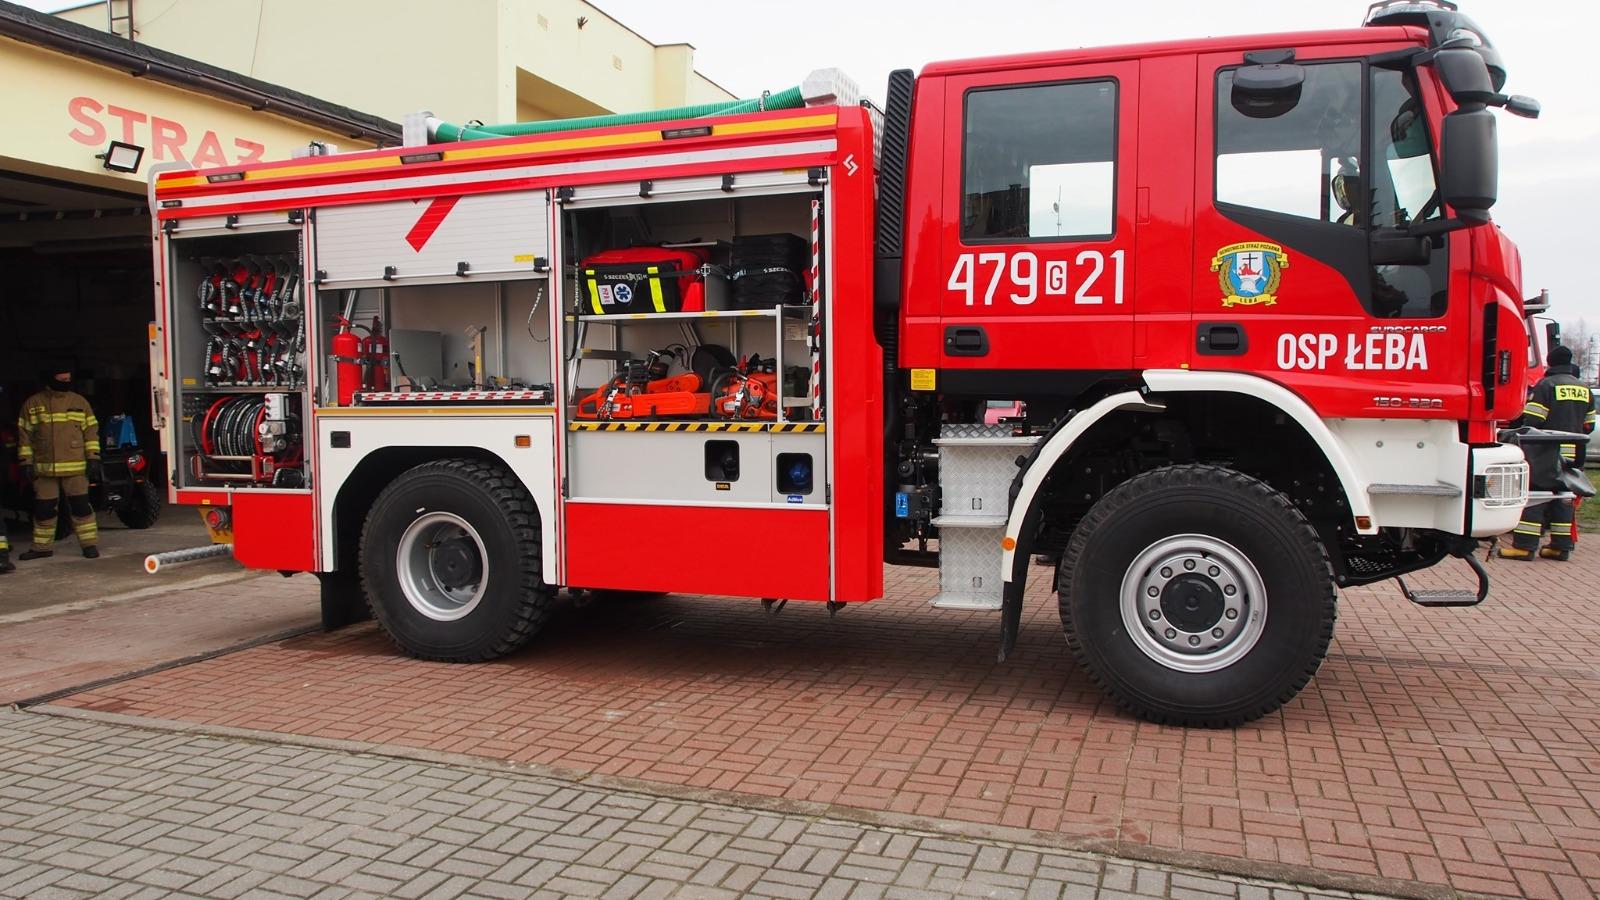 Łeba zwyciężyła wóz strażacki